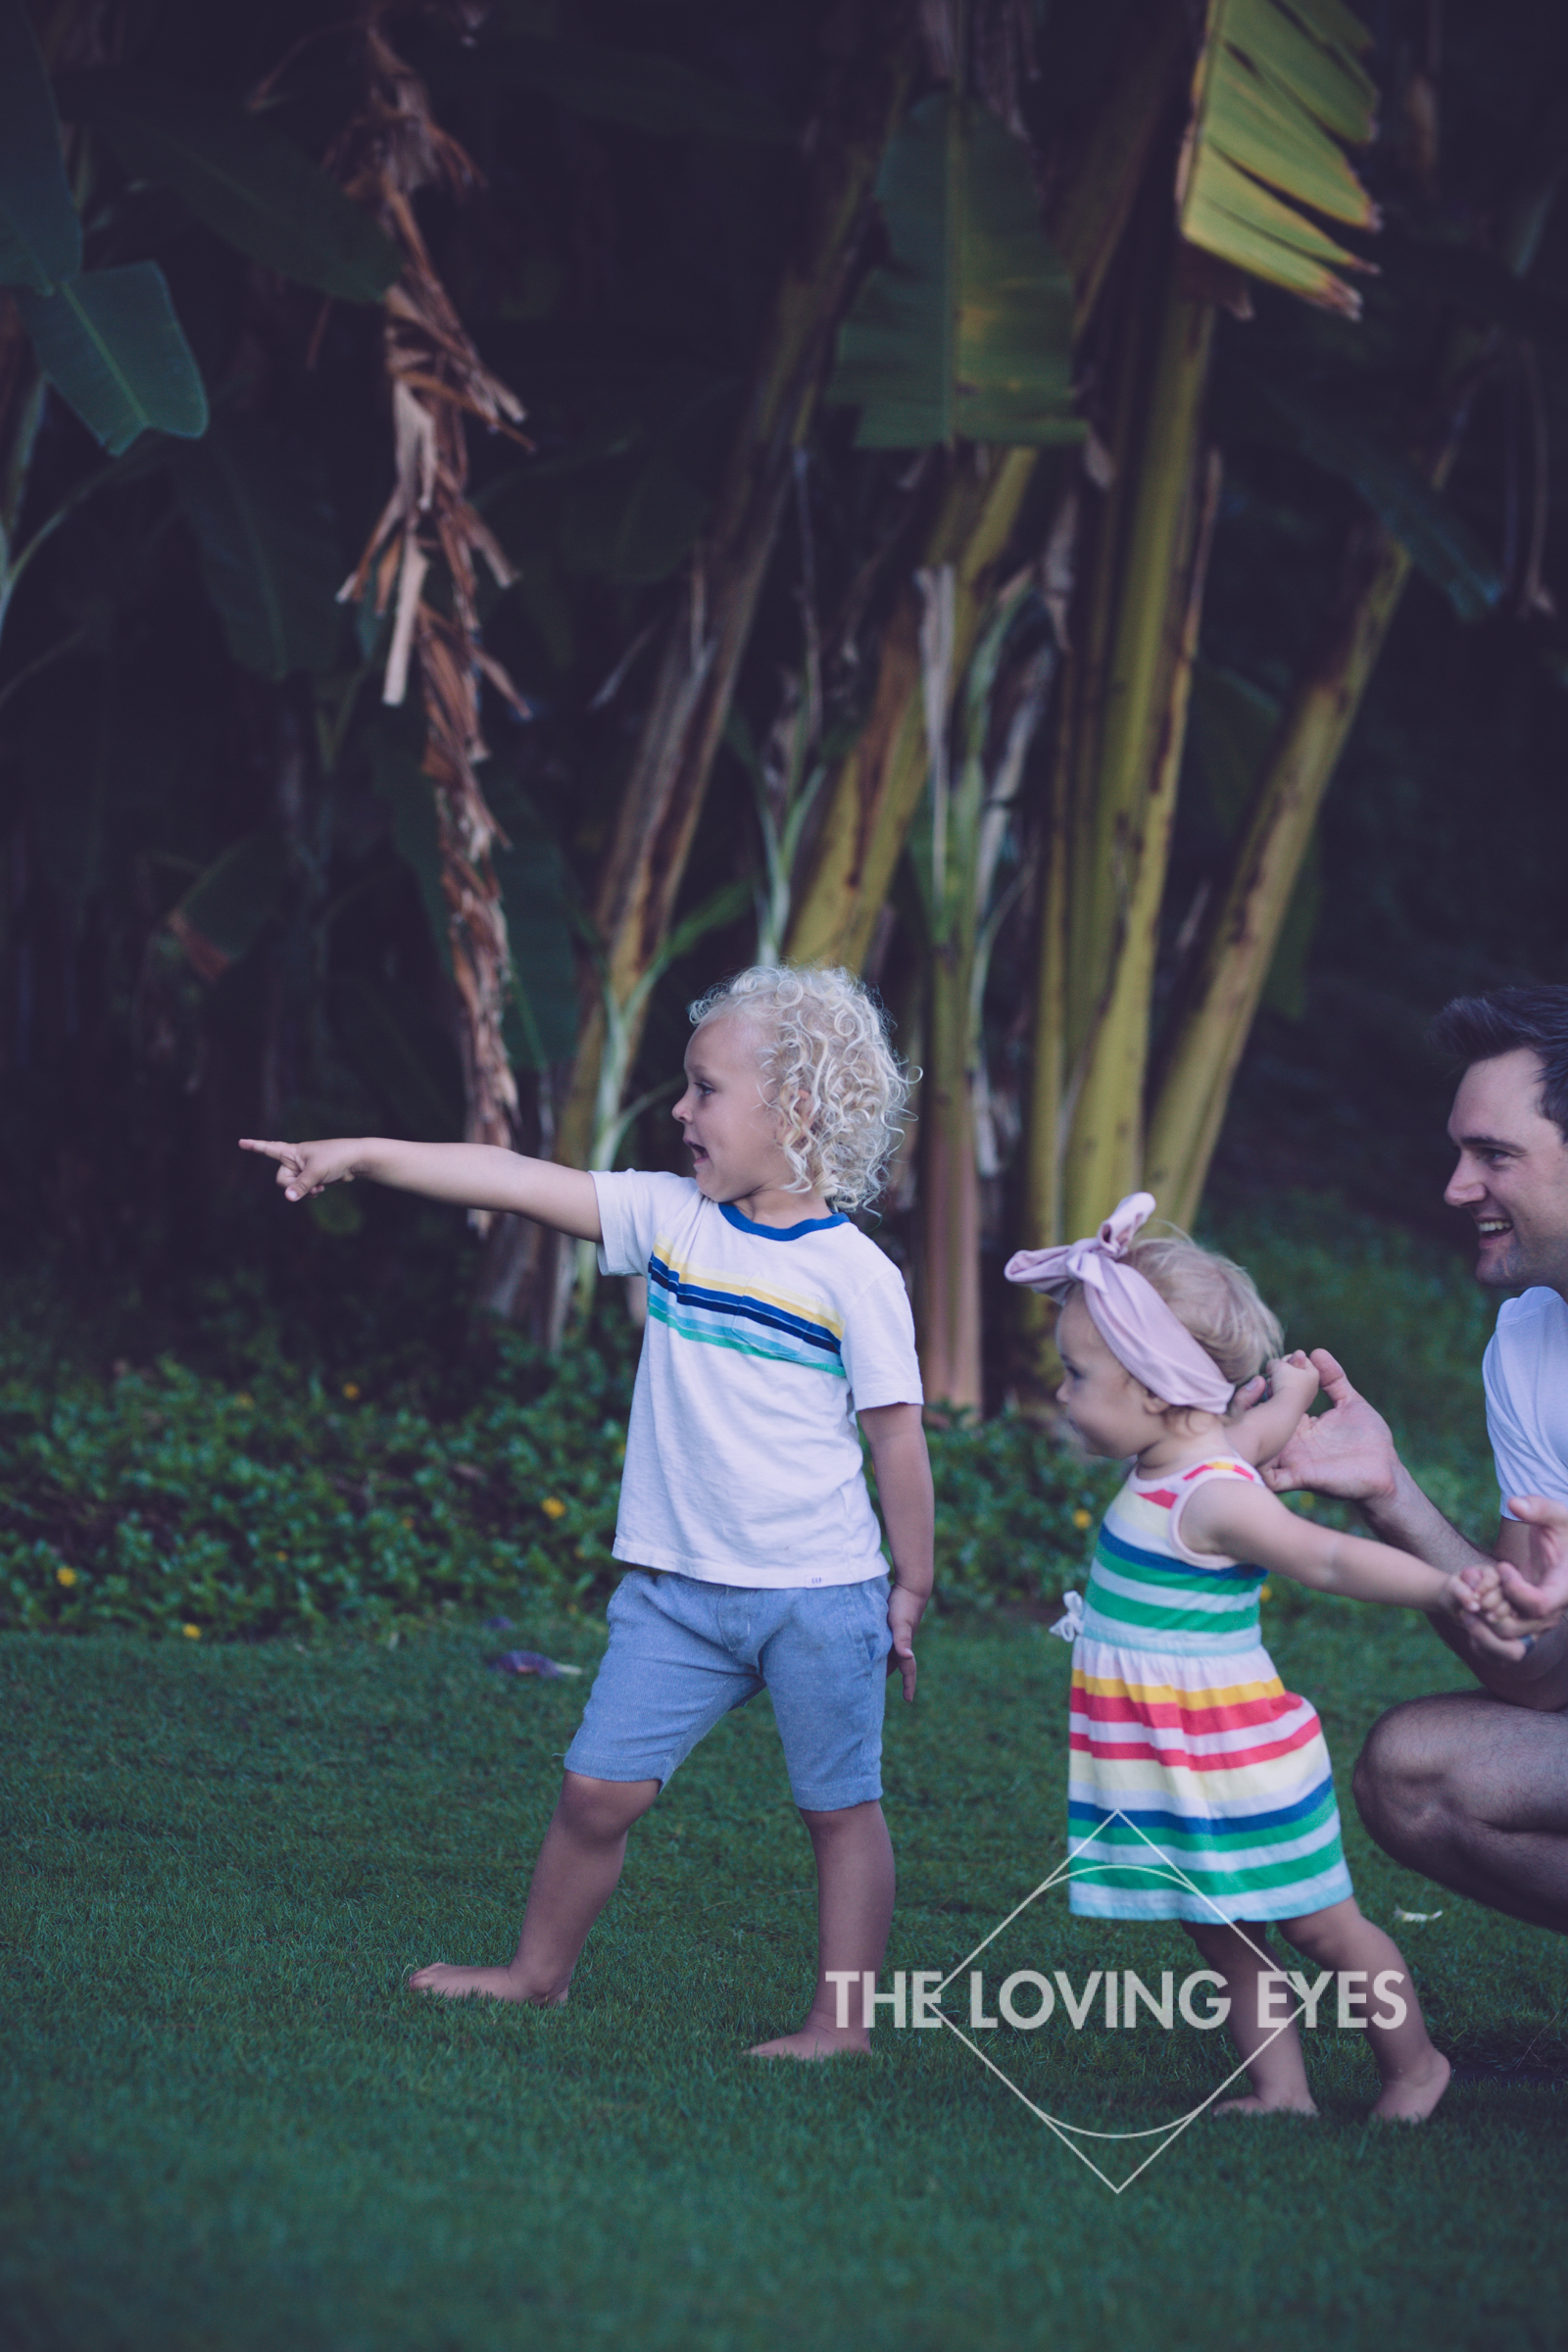 Kauai-Family-Vacation-Beach-Photos-9.jpg